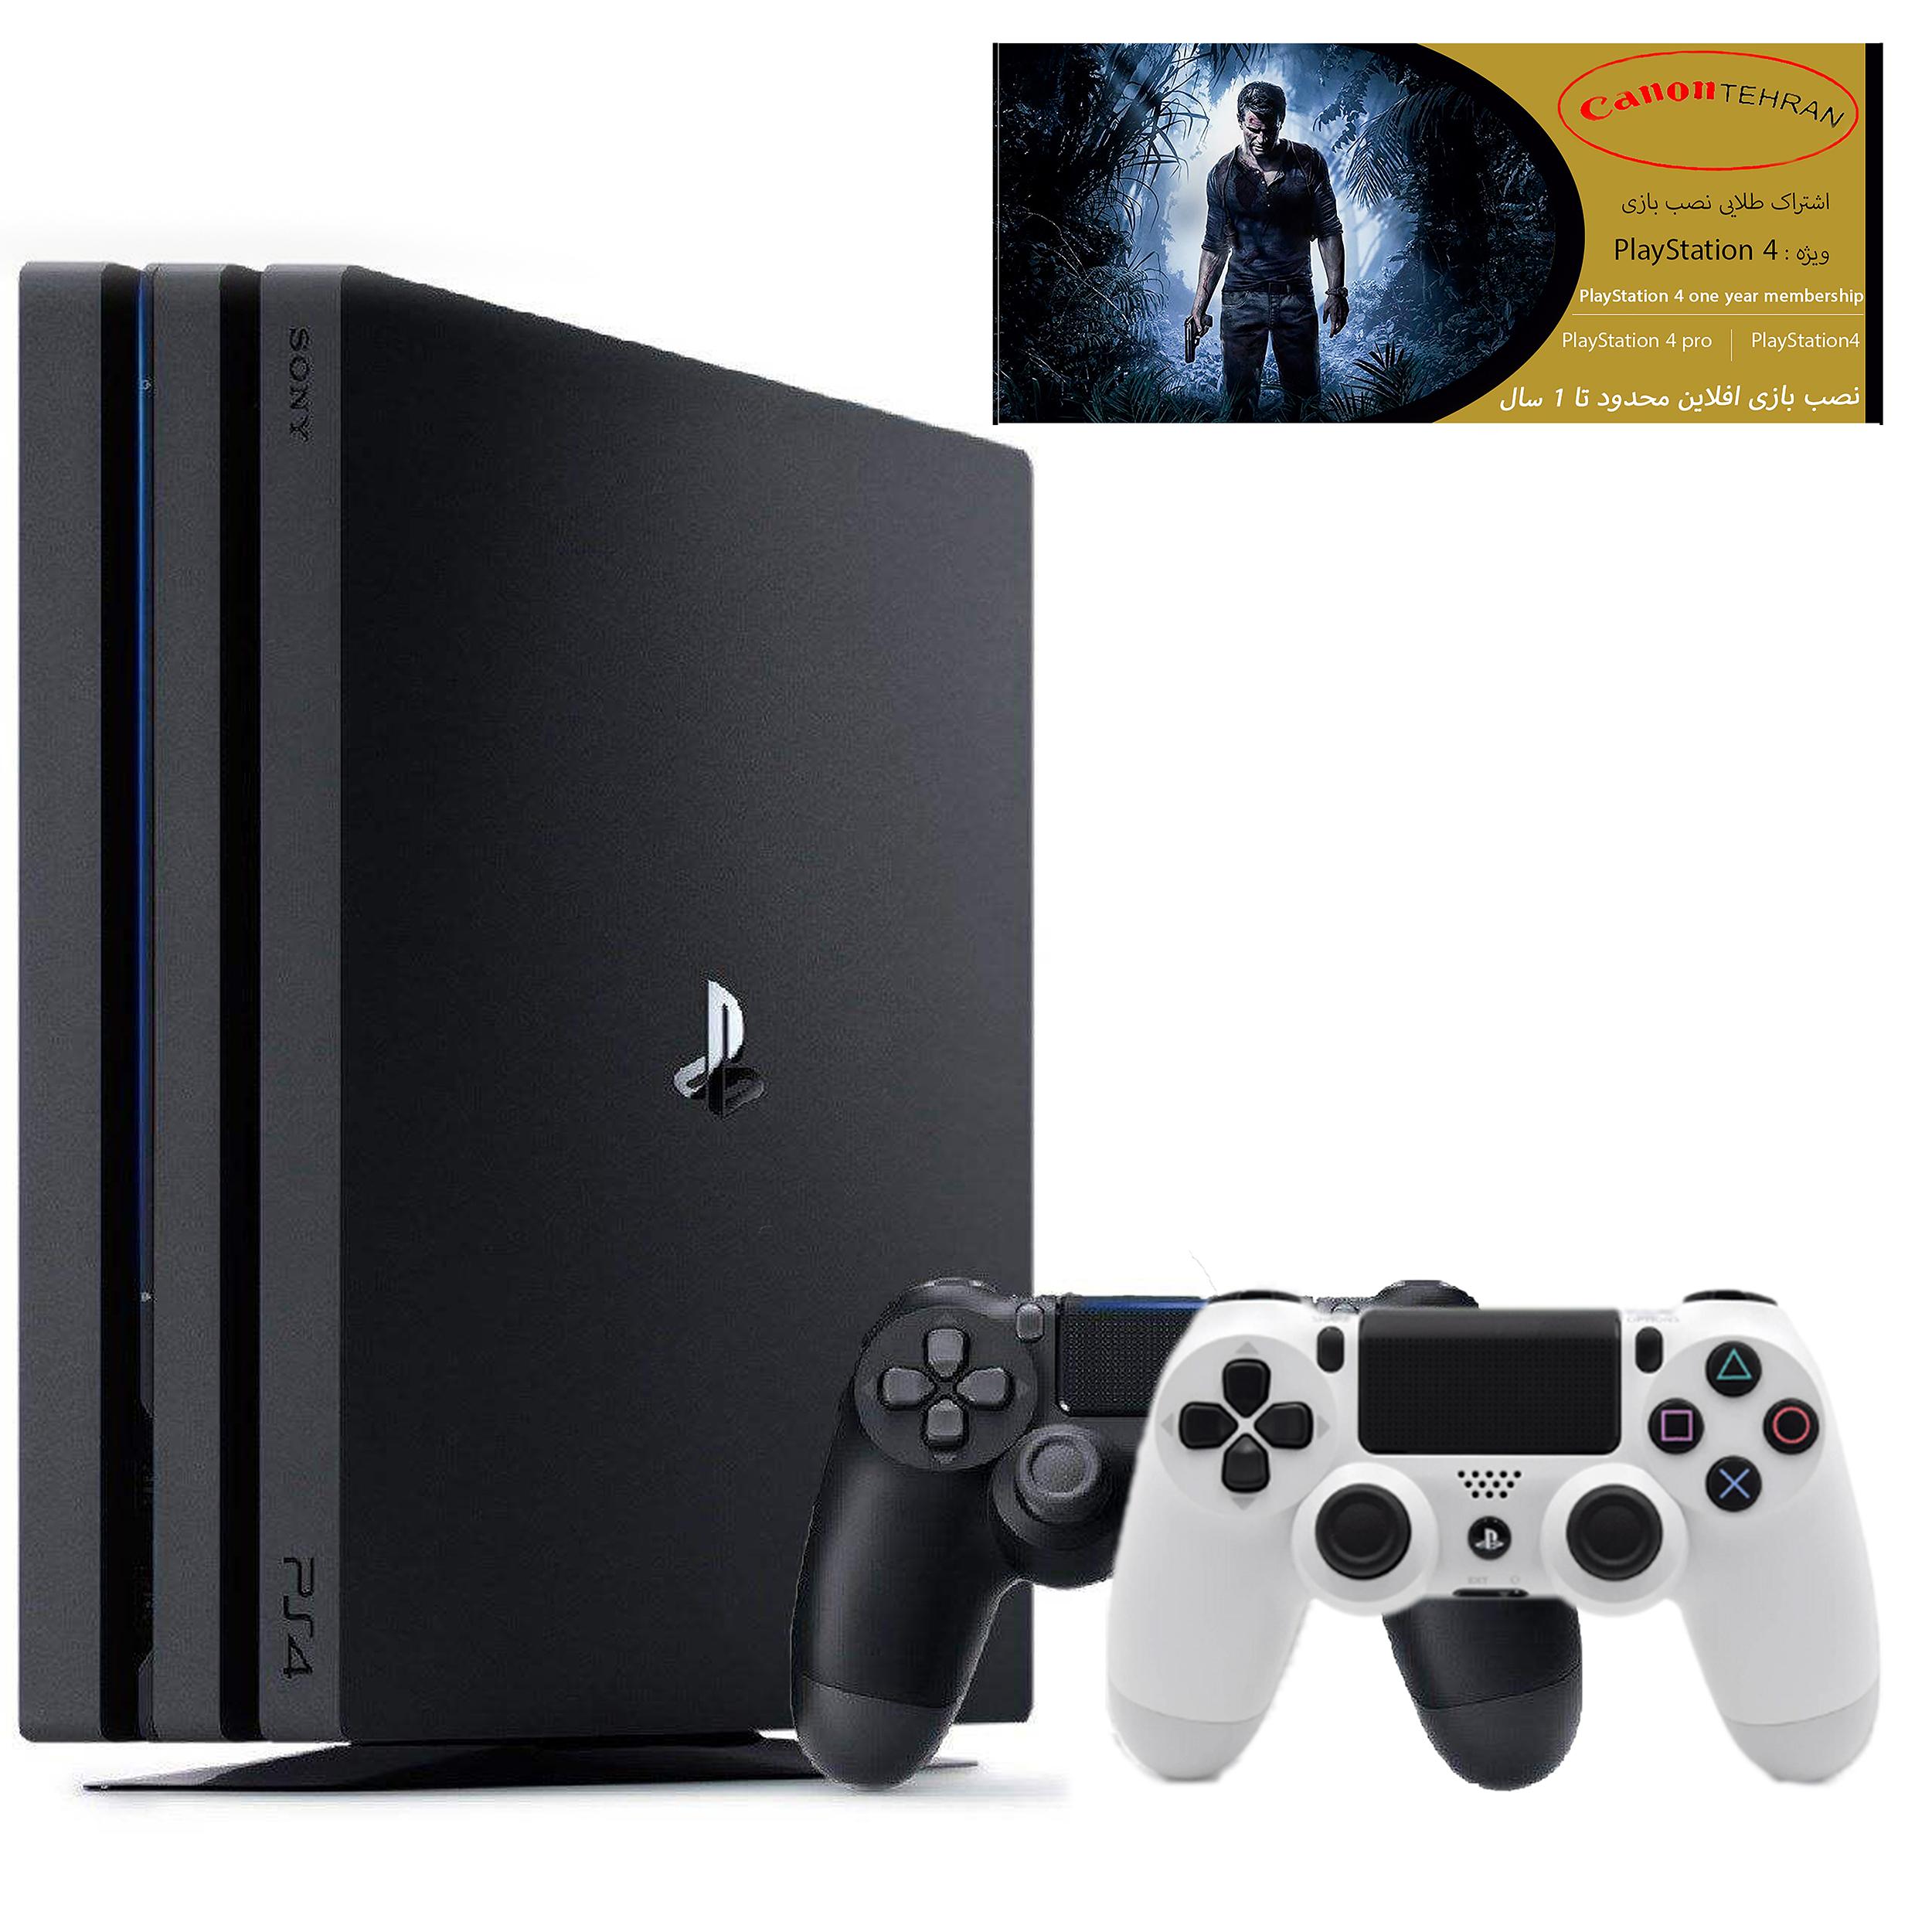 کنسول بازی سونی مدل Playstation 4 Pro ریجن 2 کد CUH-7216B ظرفیت 1 ترابایت به همراه 20 عدد بازی